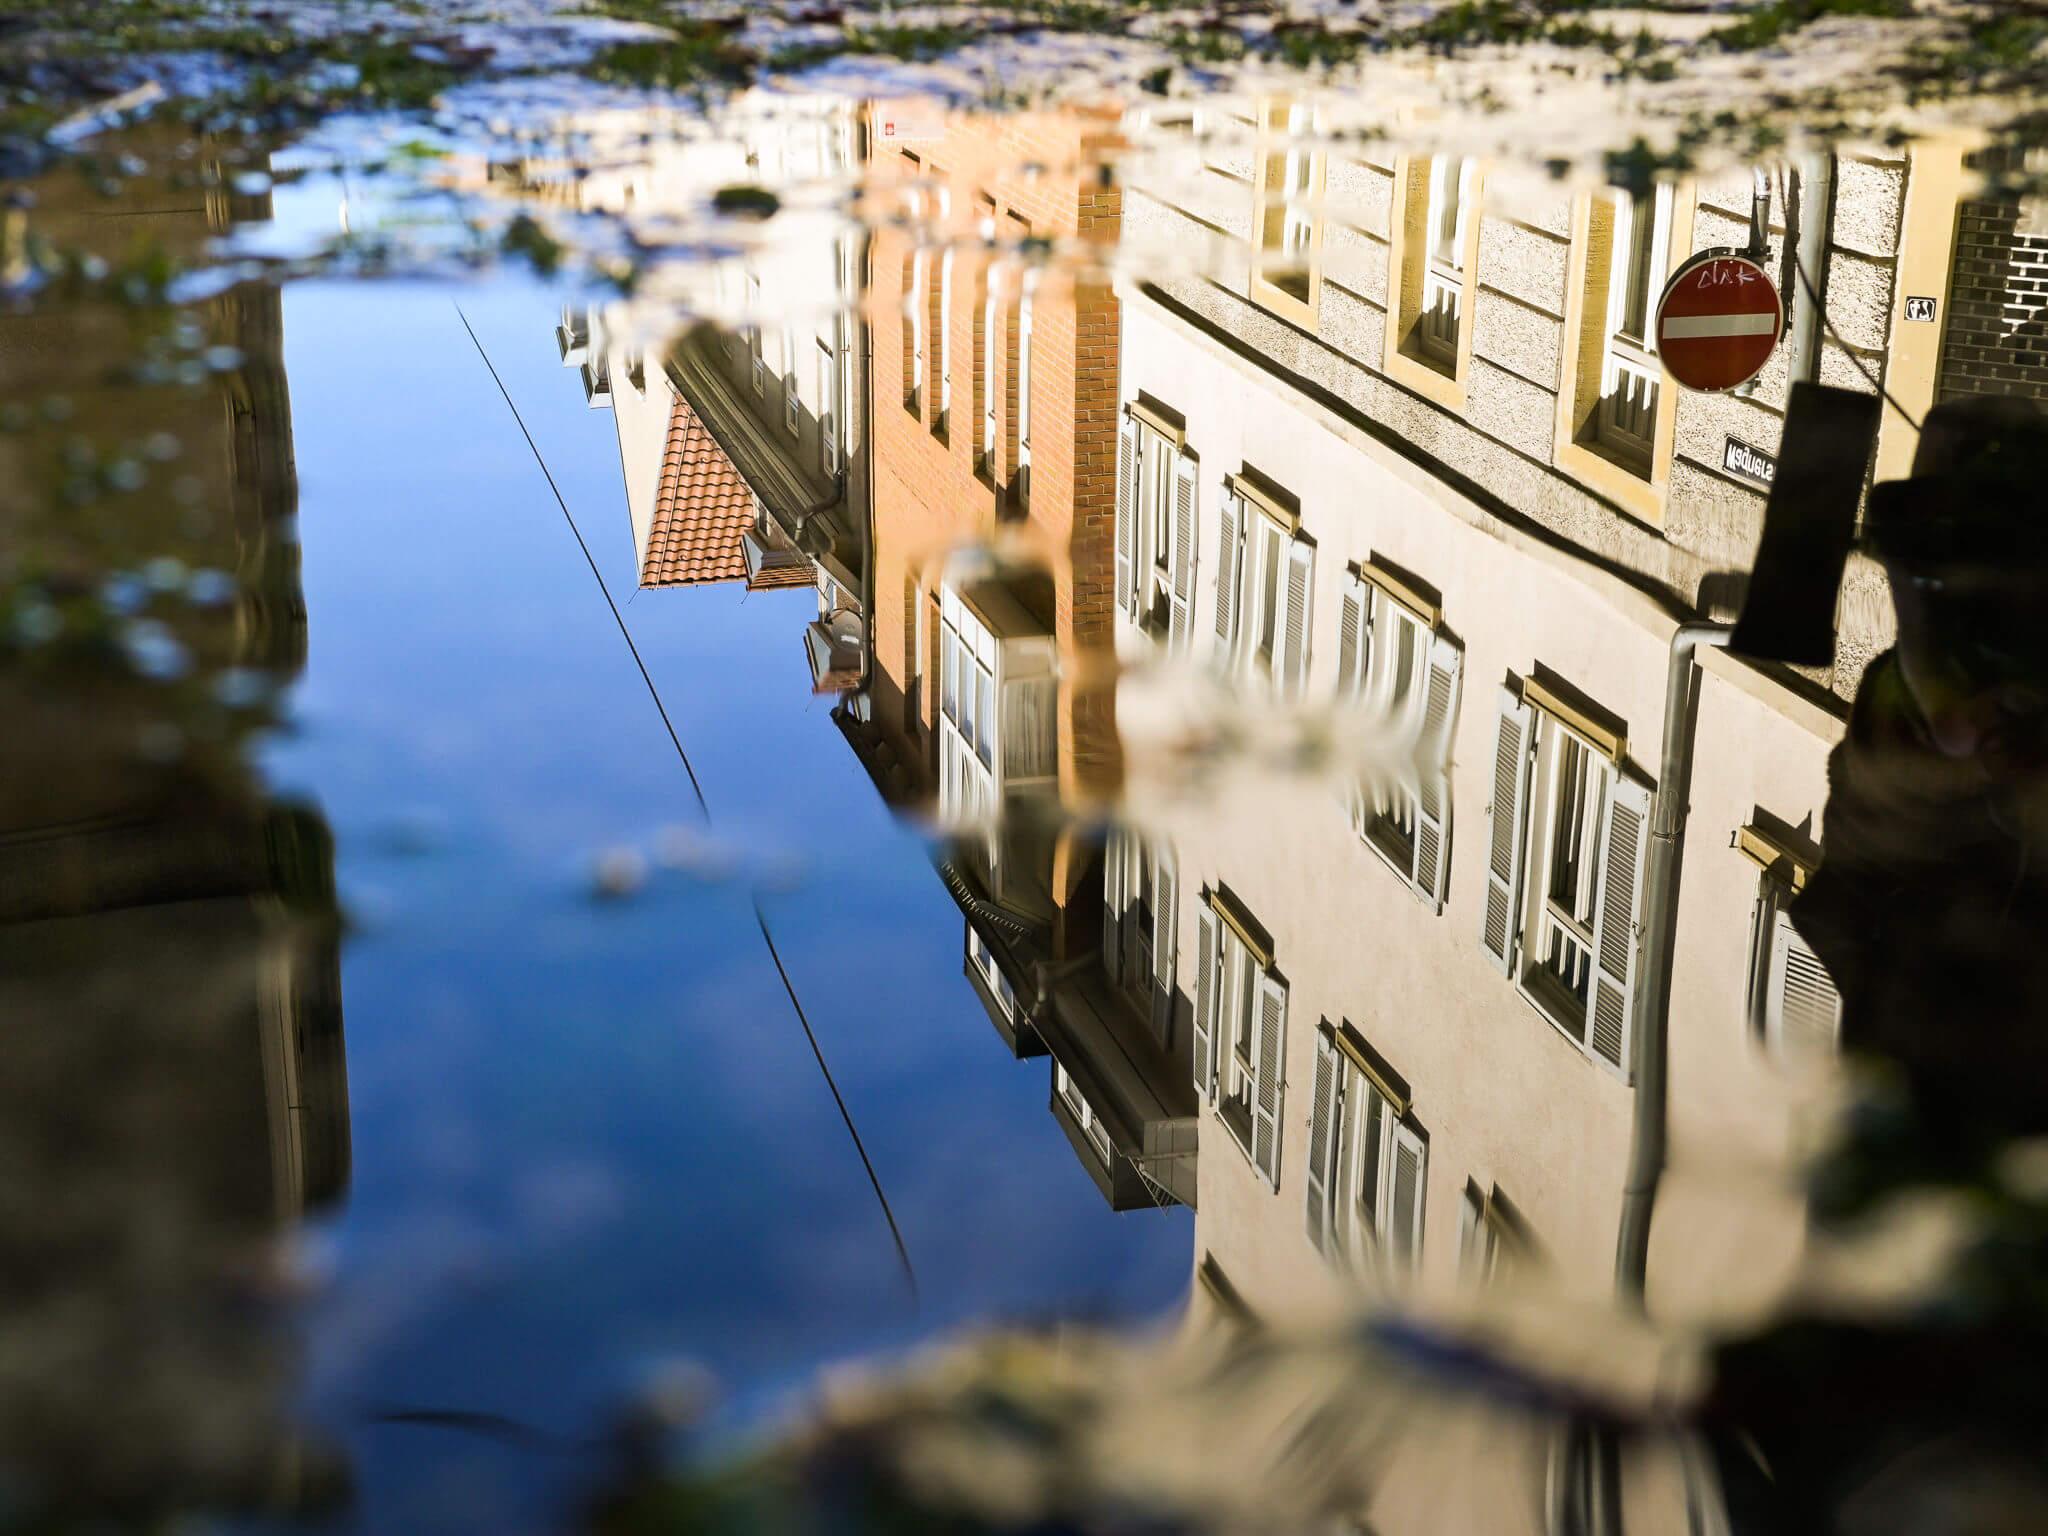 Hledejte odrazy ve městě | Nikon Z fc + Nikkor Z 28 mm f/2,8 | 1/60 s, F9, ISO 250